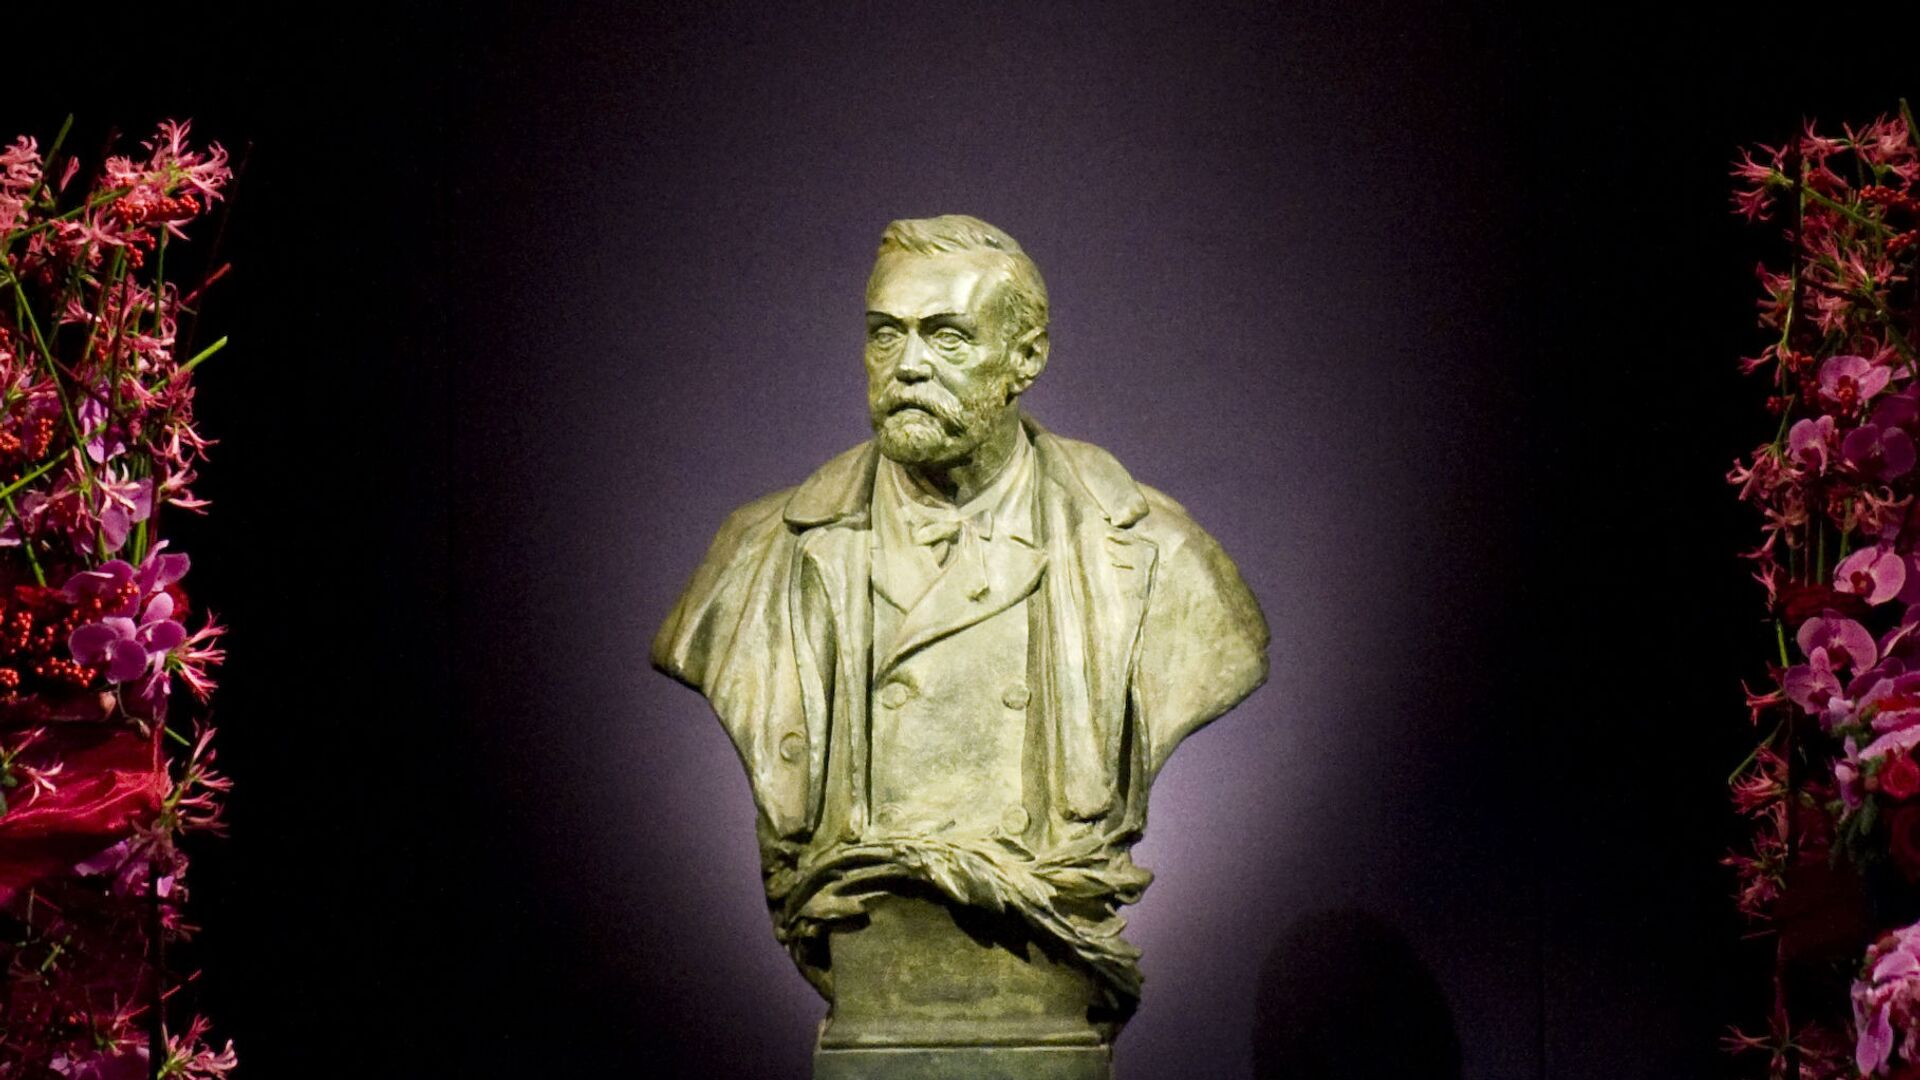 Статуя  Альфреда Нобеля, фото из архива - Sputnik Azərbaycan, 1920, 26.09.2021